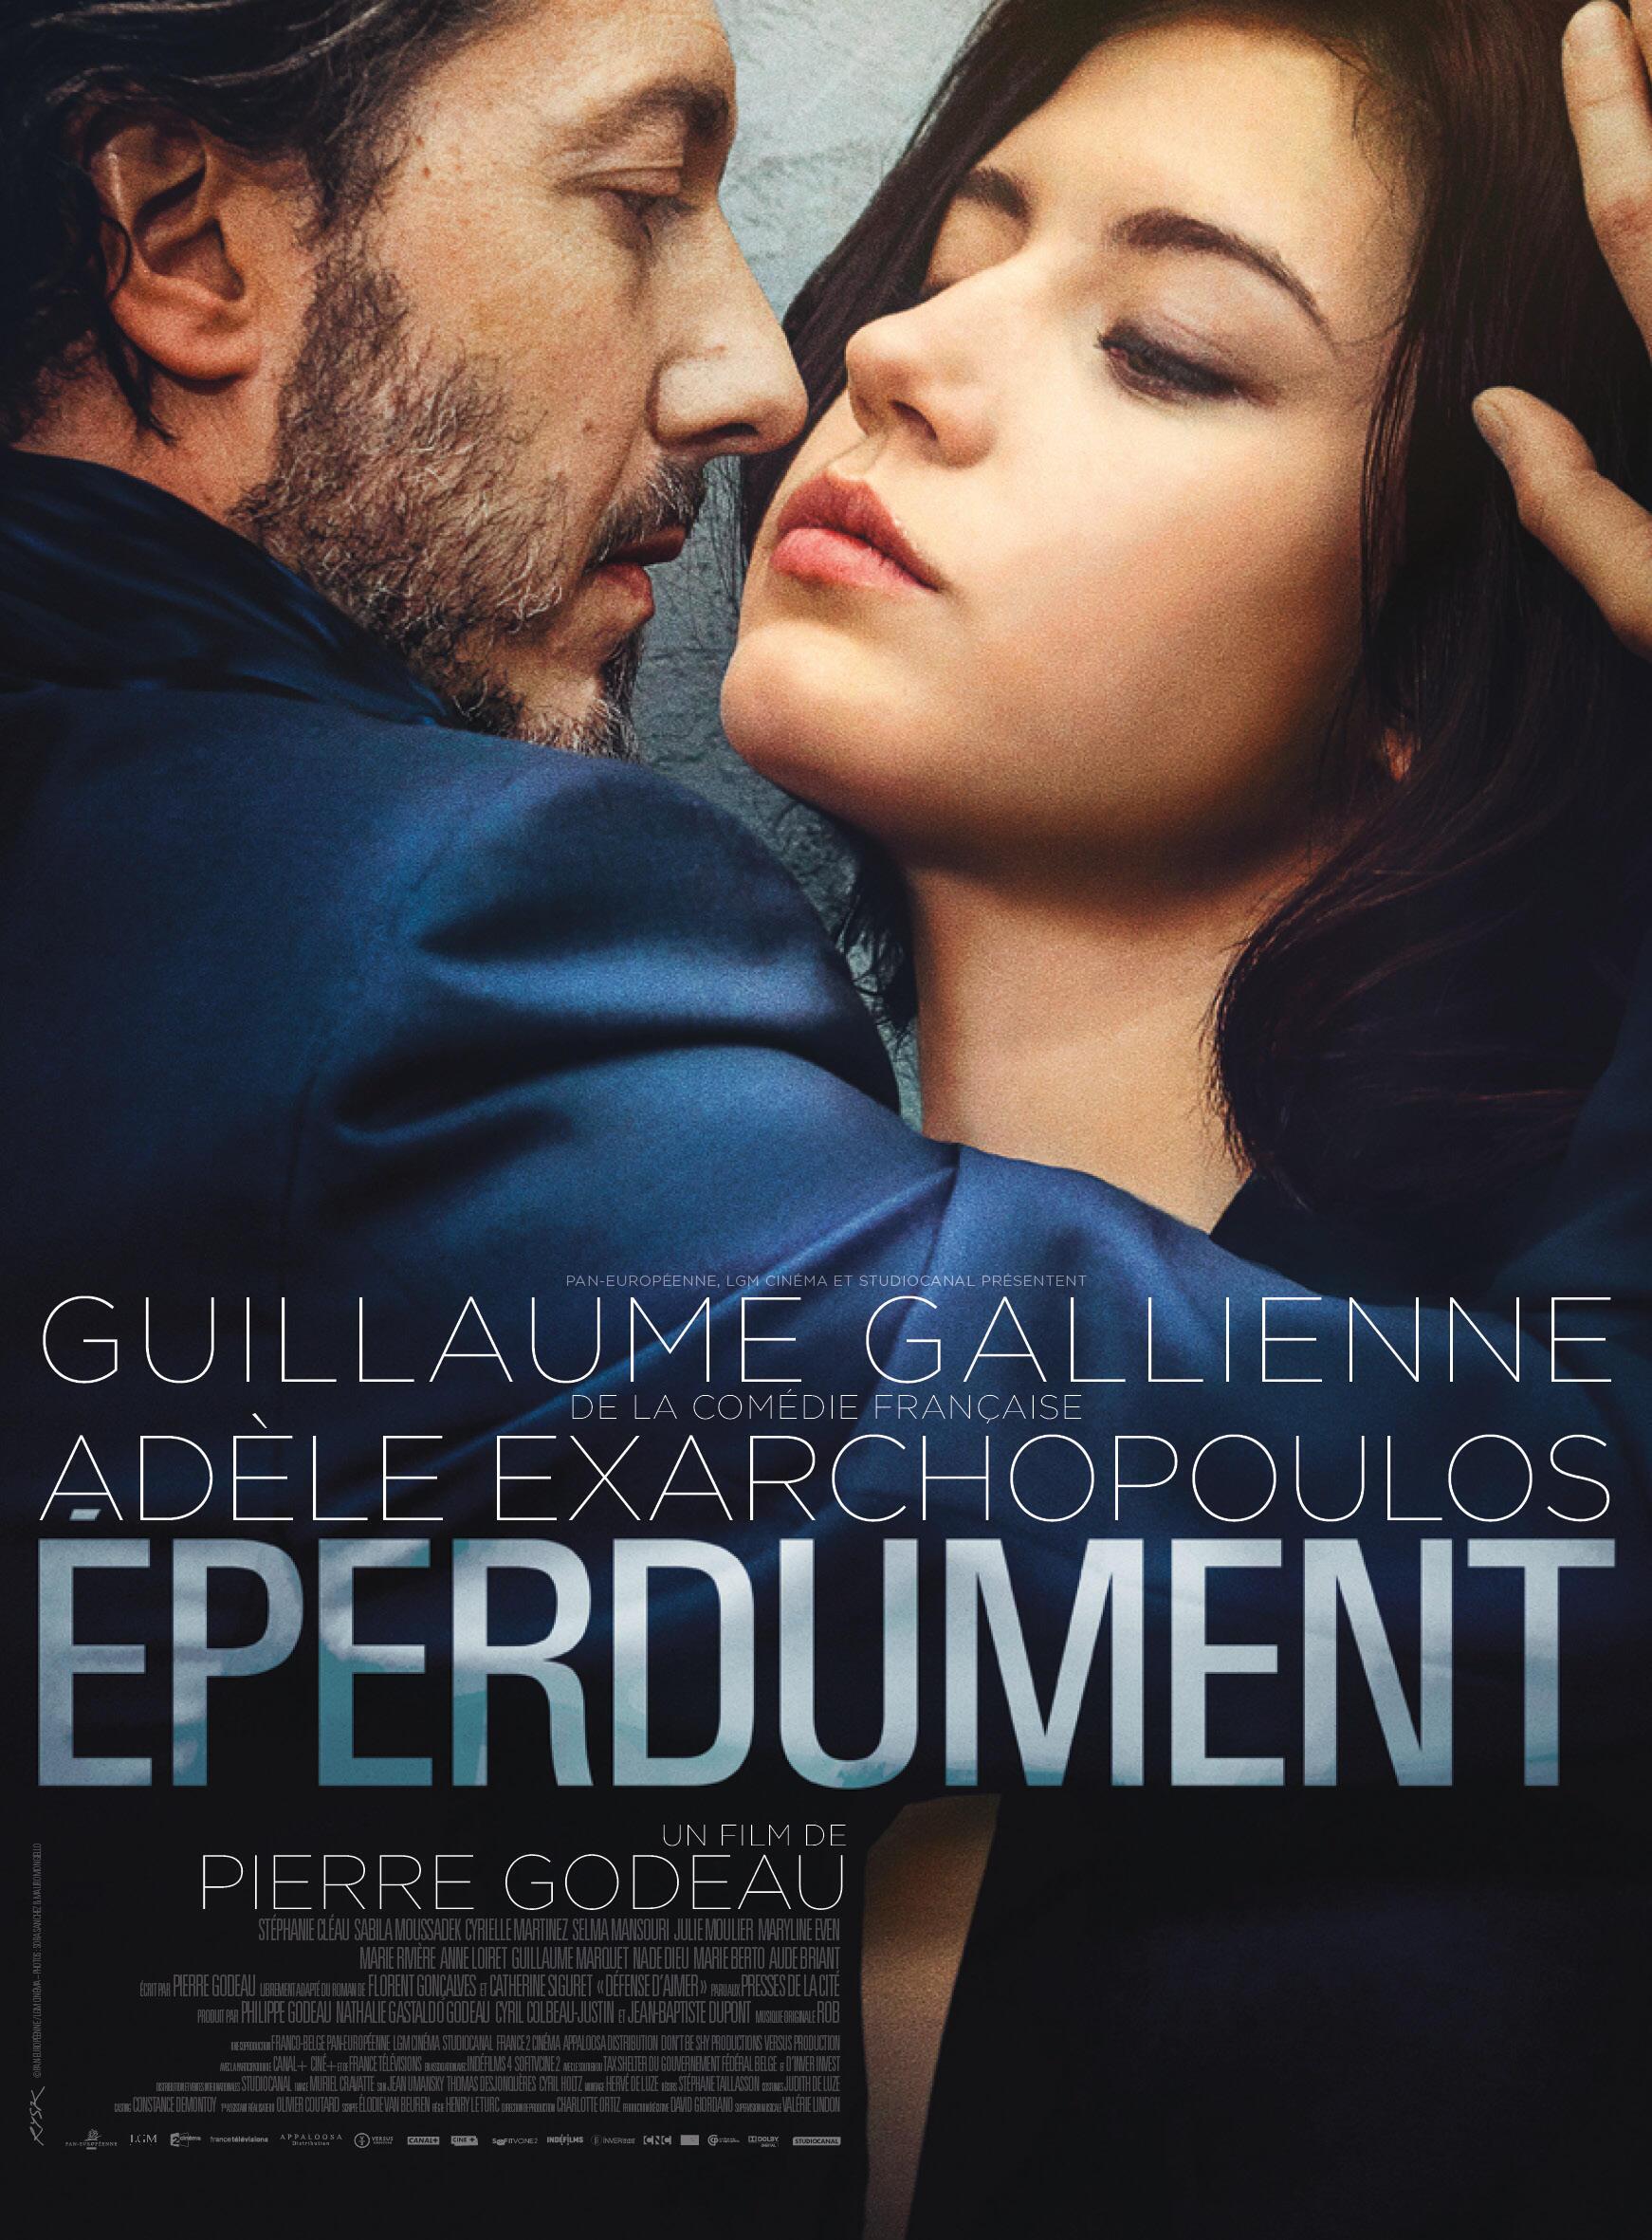 Détail de l'affiche du film «Eperdument», de Pierre Godeau avec Adèle Exarchopoulos et Guillaume Gallienne.